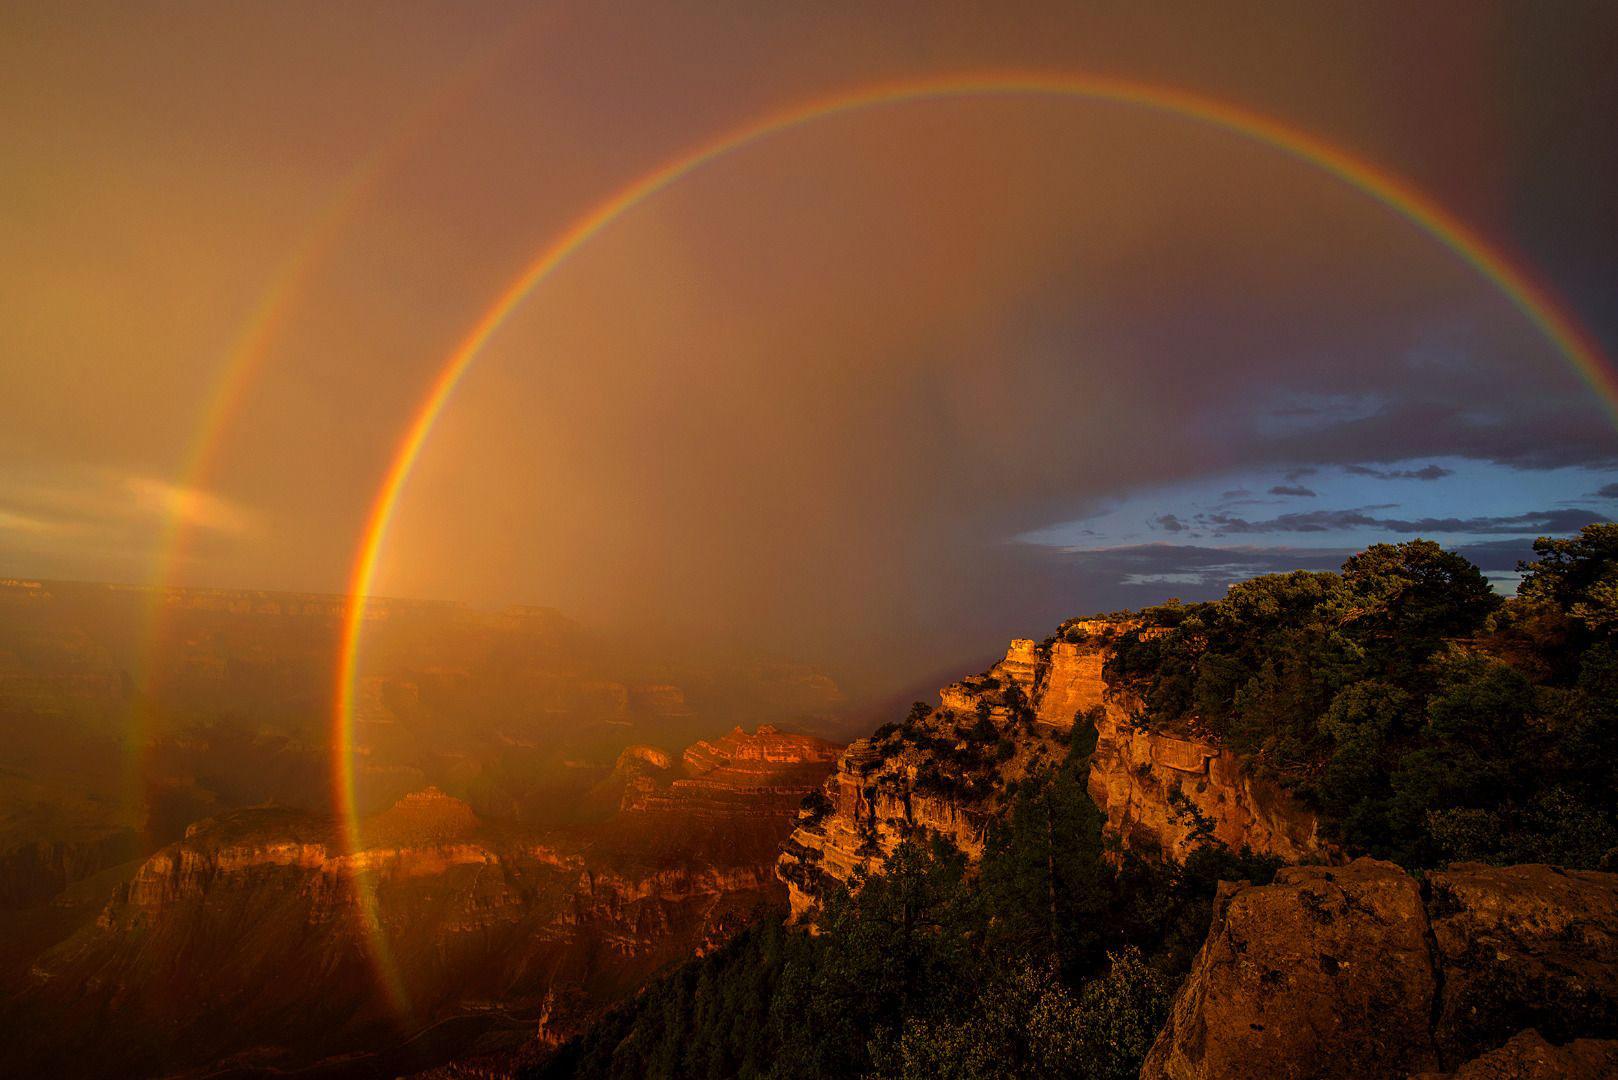 Однажды в жизни, © Тина Райт, Фотоконкурс «Погодный фотограф года» — Weather Photographer of the Year